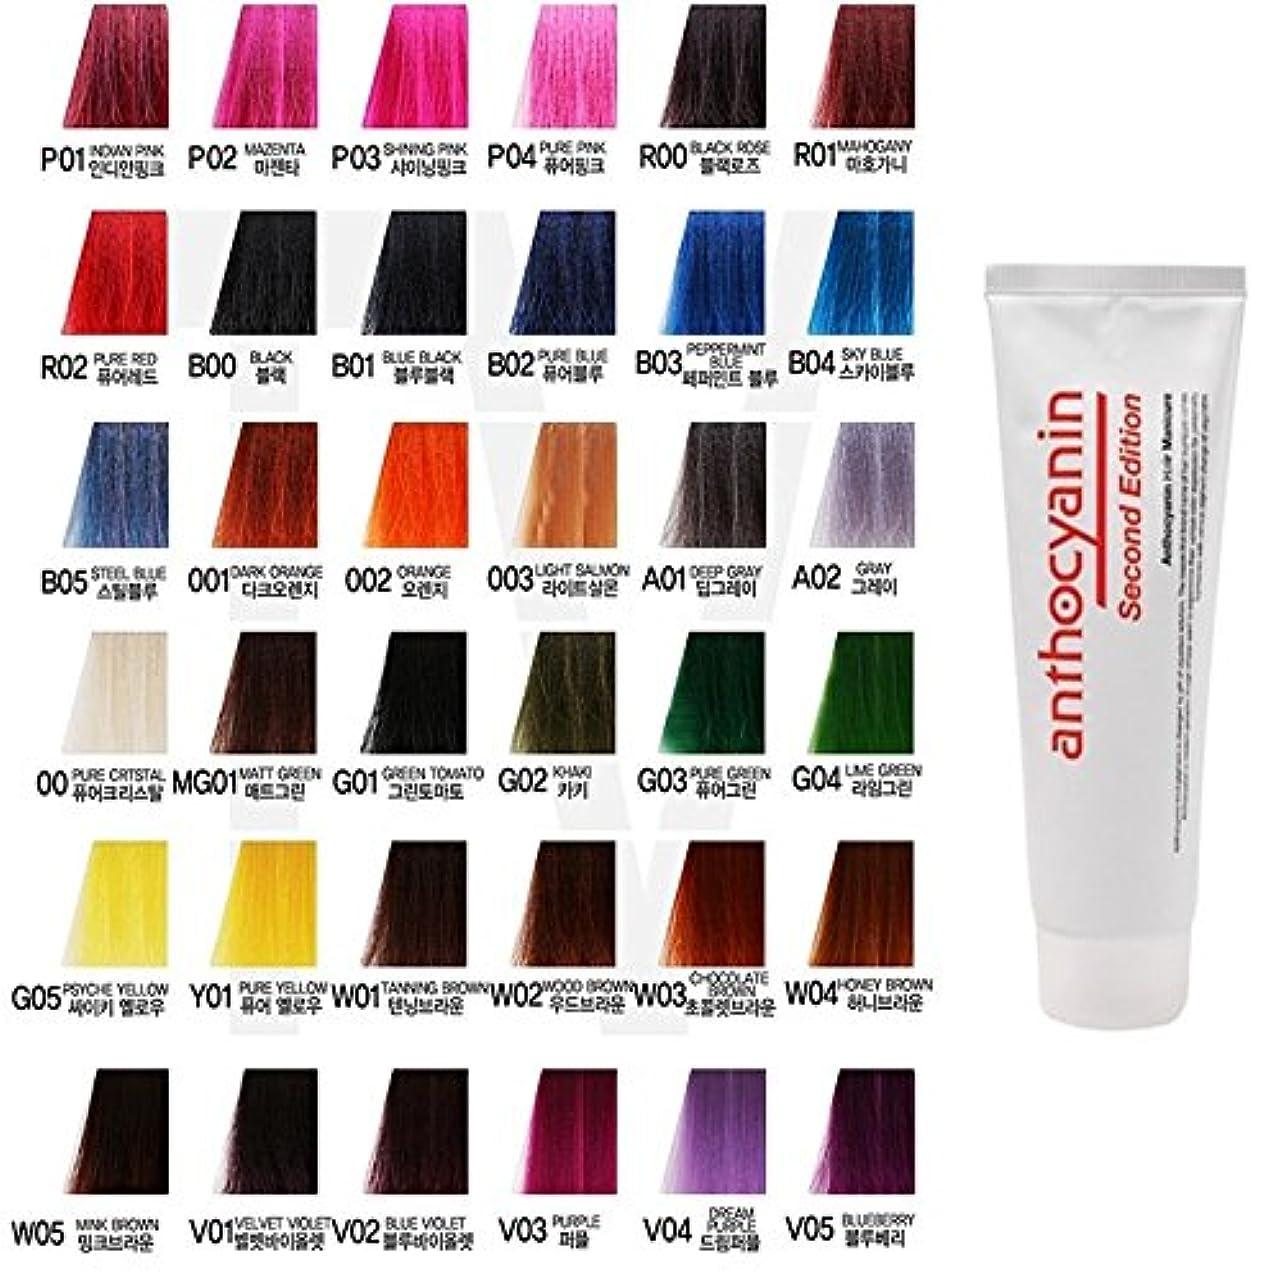 発送チューブめんどりヘア マニキュア カラー セカンド エディション 230g セミ パーマネント 染毛剤 ( Hair Manicure Color Second Edition 230g Semi Permanent Hair Dye) [並行輸入品] (A01 Deep Gray)